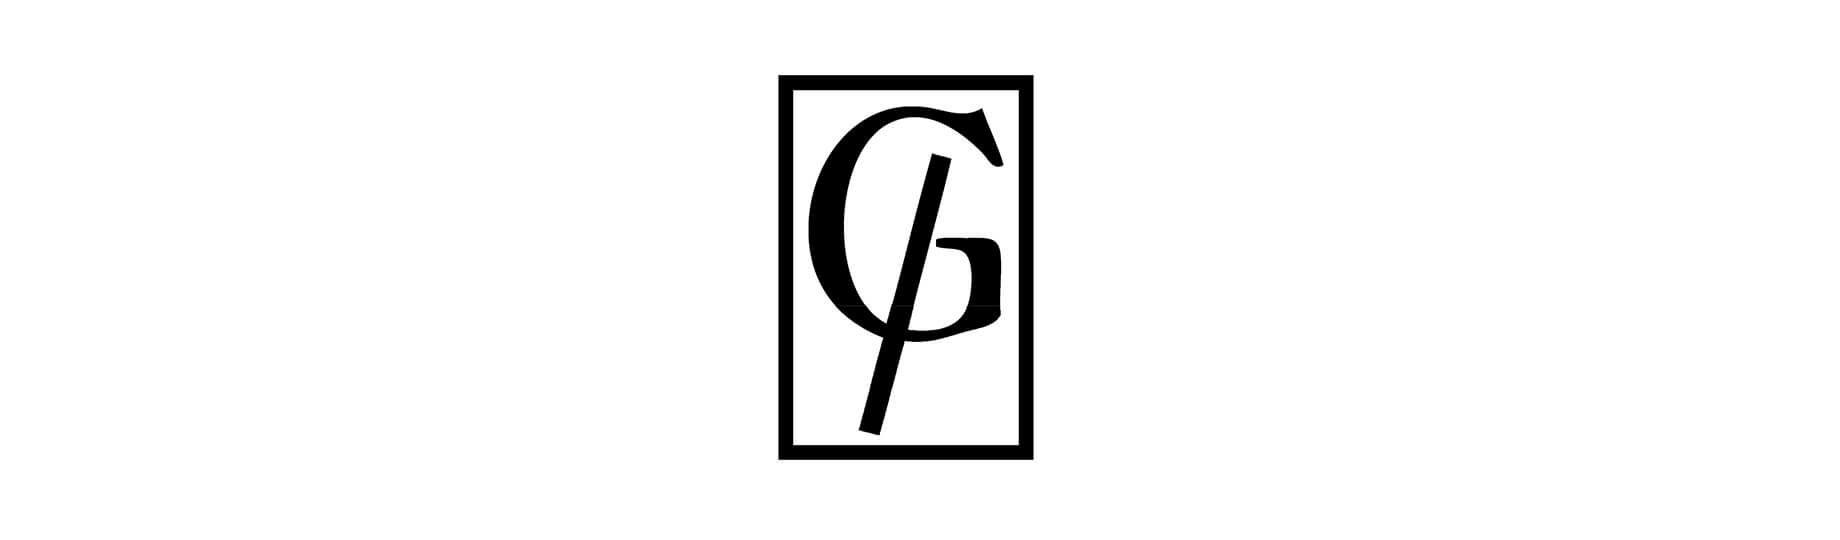 GBPメイン画像